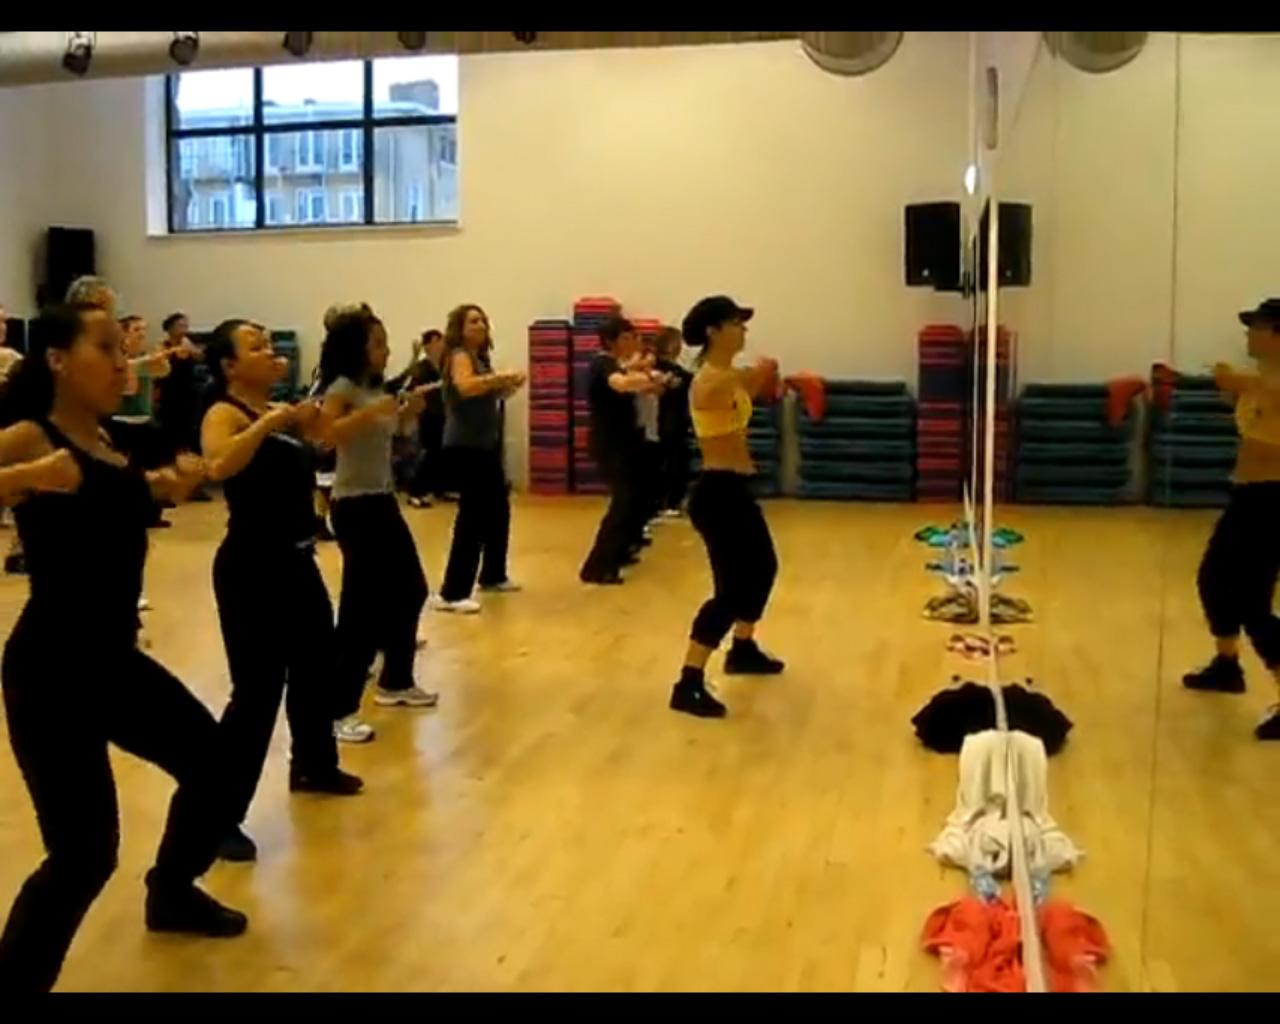 Dance Fitness Programs - Dance Workout - beachbody.com